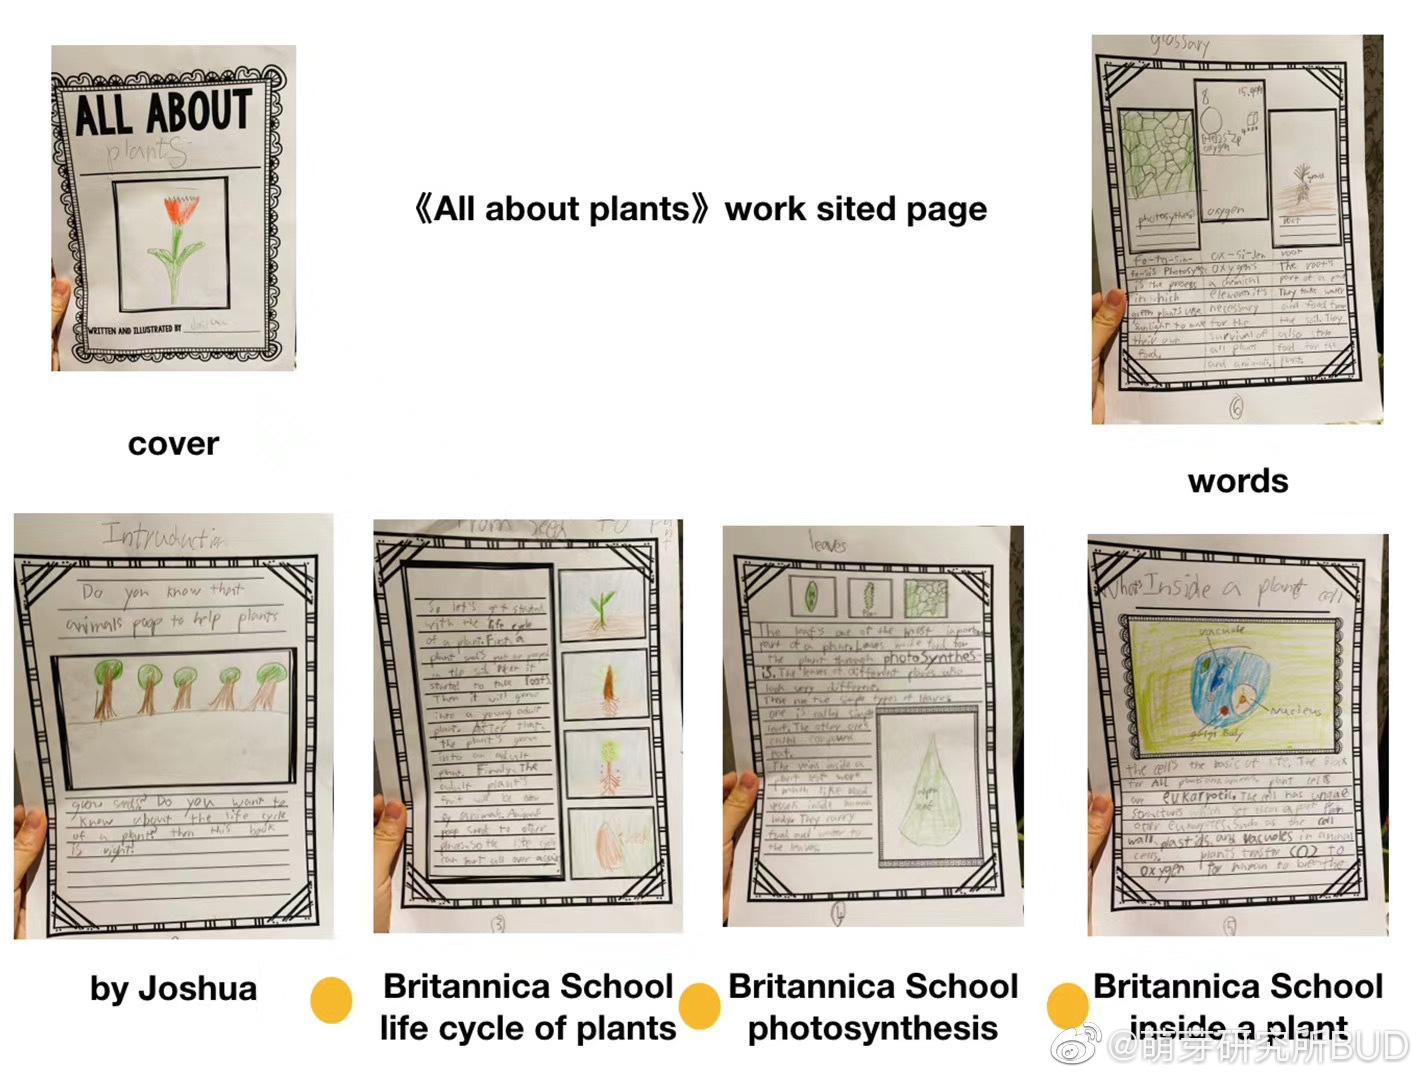 孩子网课写作课前面说了跟写论文一样……